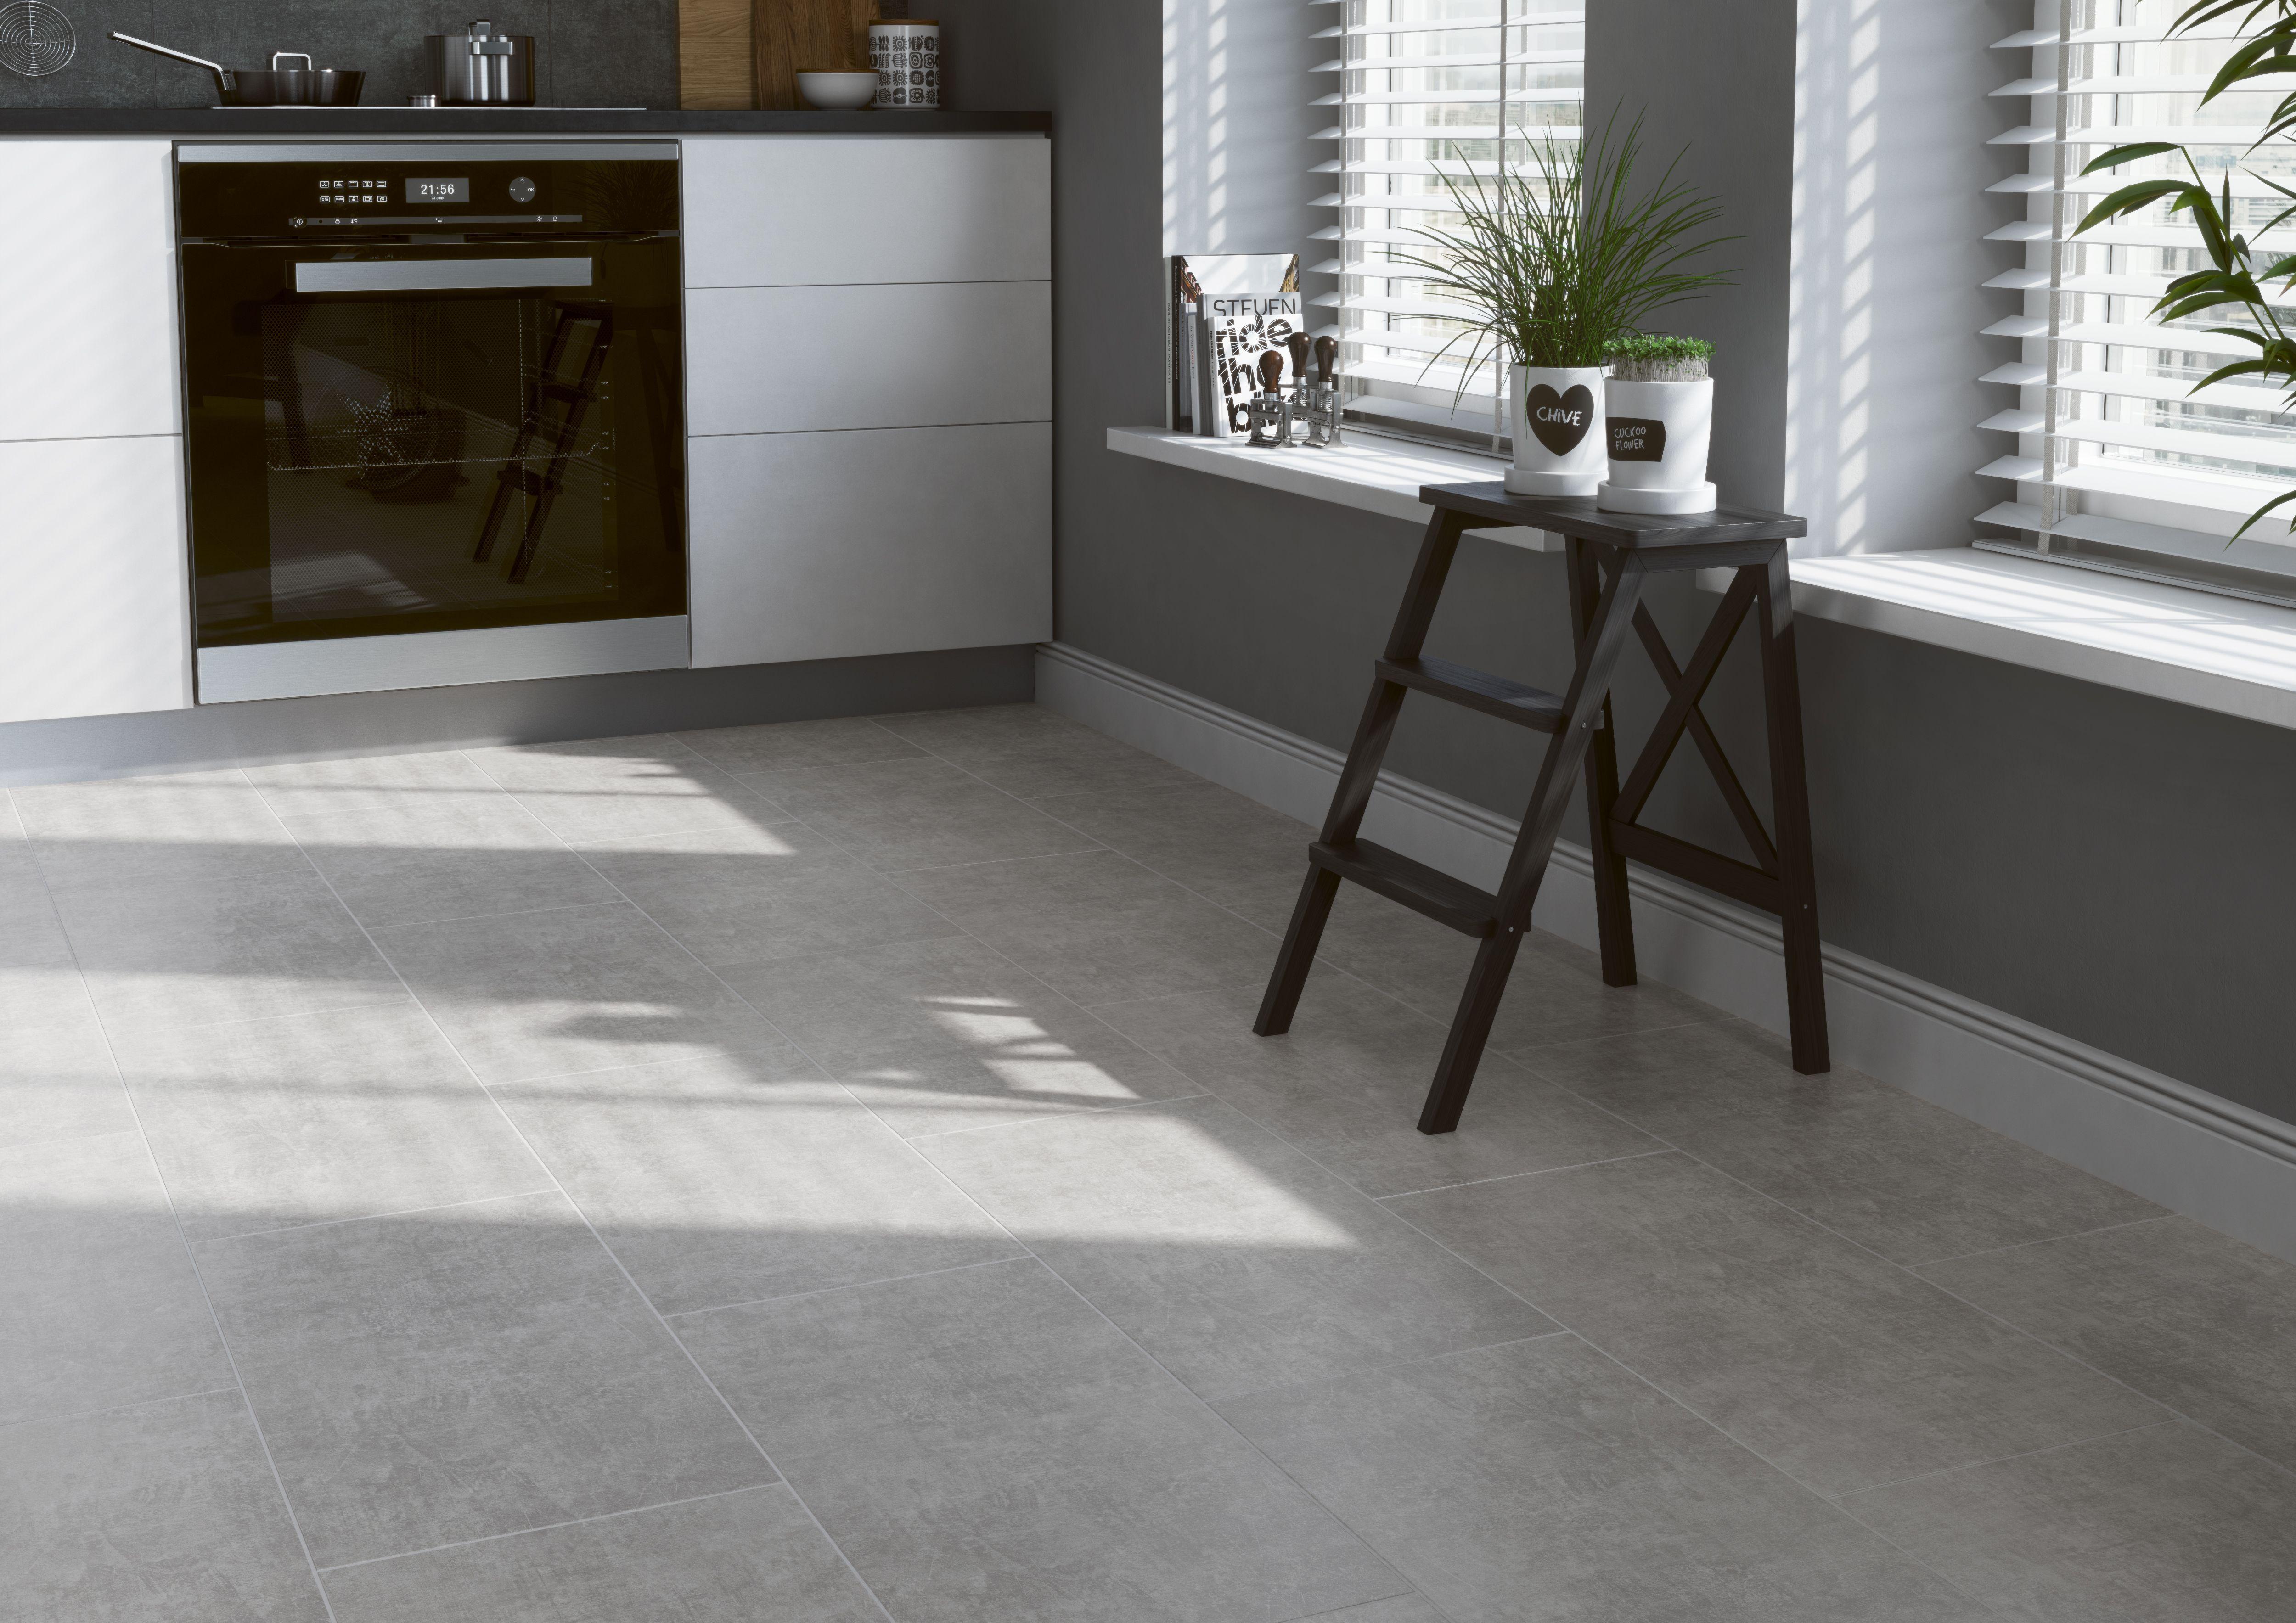 Atemberaubend Billig Diy Küche Bodenbelag Ideen Fotos ...